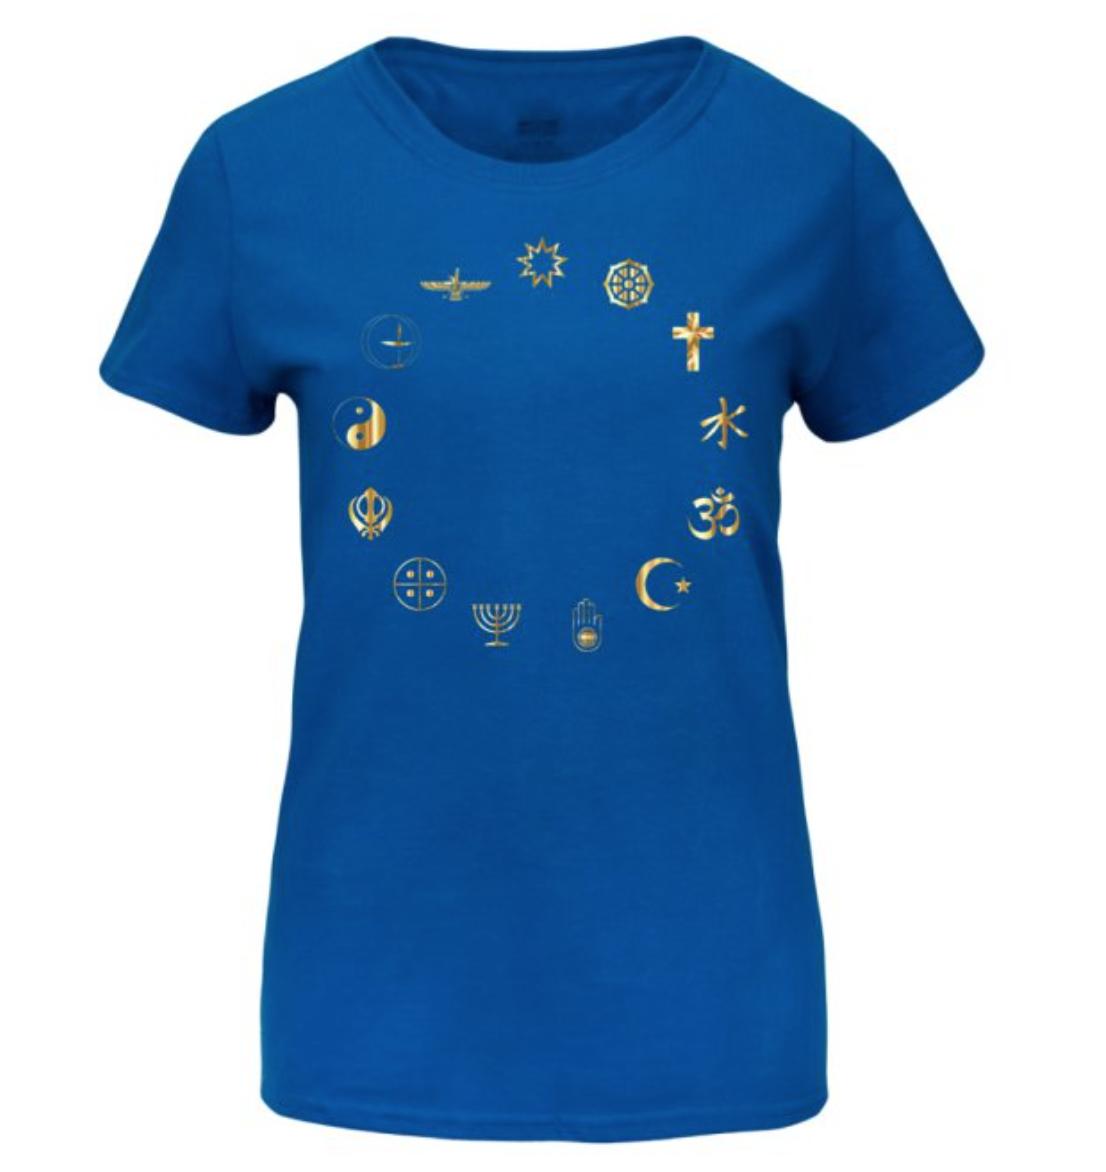 Equality Secular Symbols Women's Basic T-Shirt Large 00007